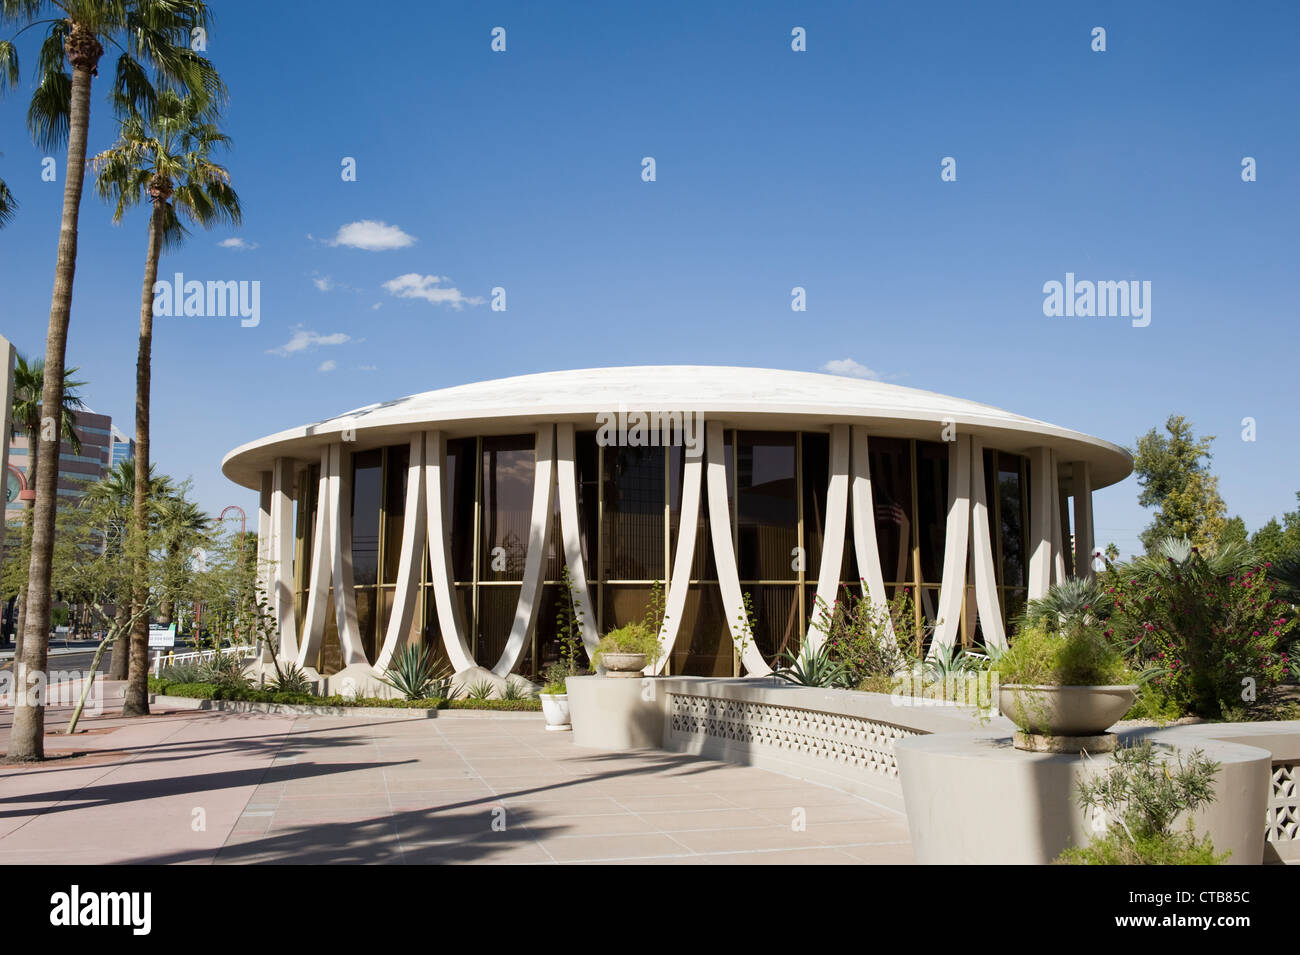 Der Norden-Rotunde im Phoenix Financial Center, Innenstadt von Phoenix, Arizona Stockbild